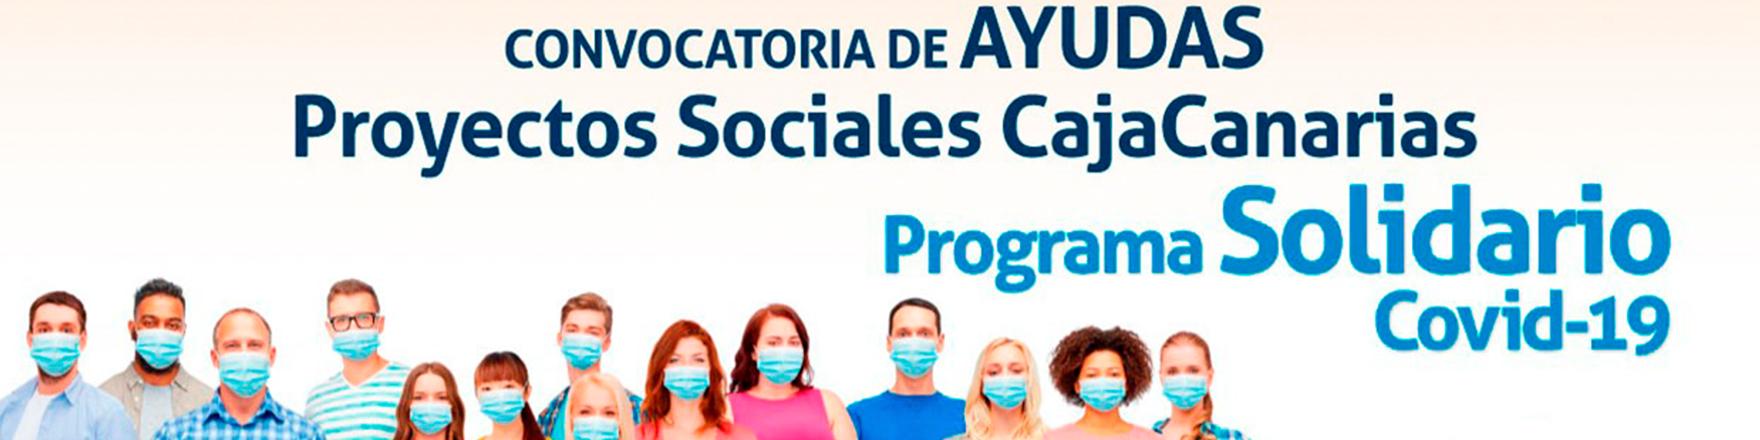 convocatoria ayudas proyectos sociales 2020 bgsection